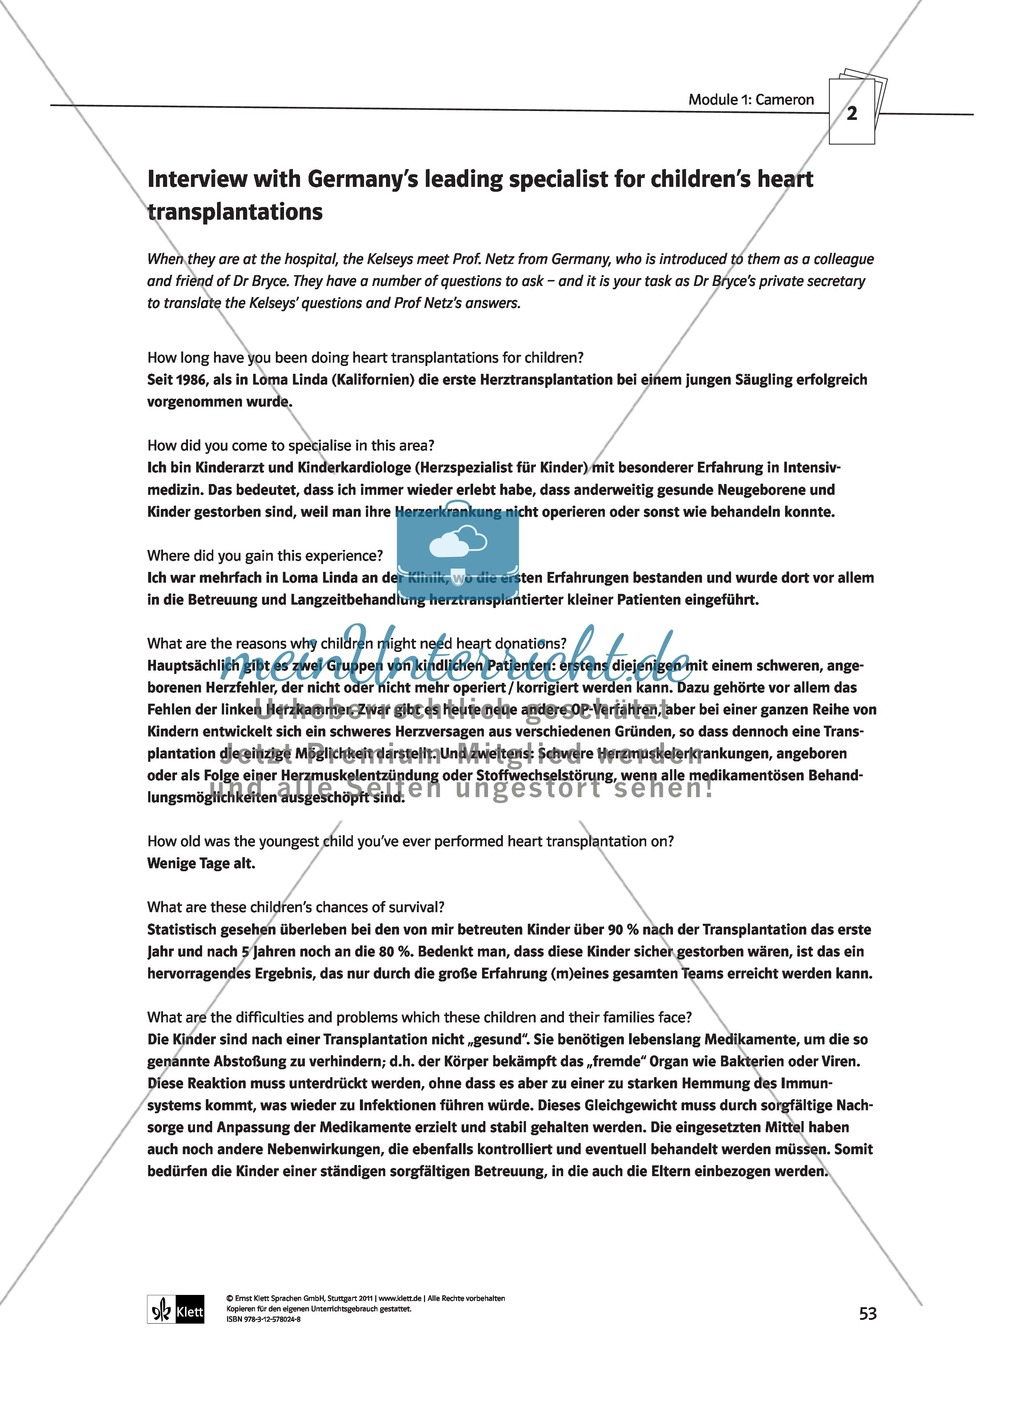 Cameron as the main character: Direct and indirect characterisation. Mit didaktischen Anmerkungen, Kopiervorlagen, Vokabelanmerkungen und Lösungsvorschlägen. Preview 10